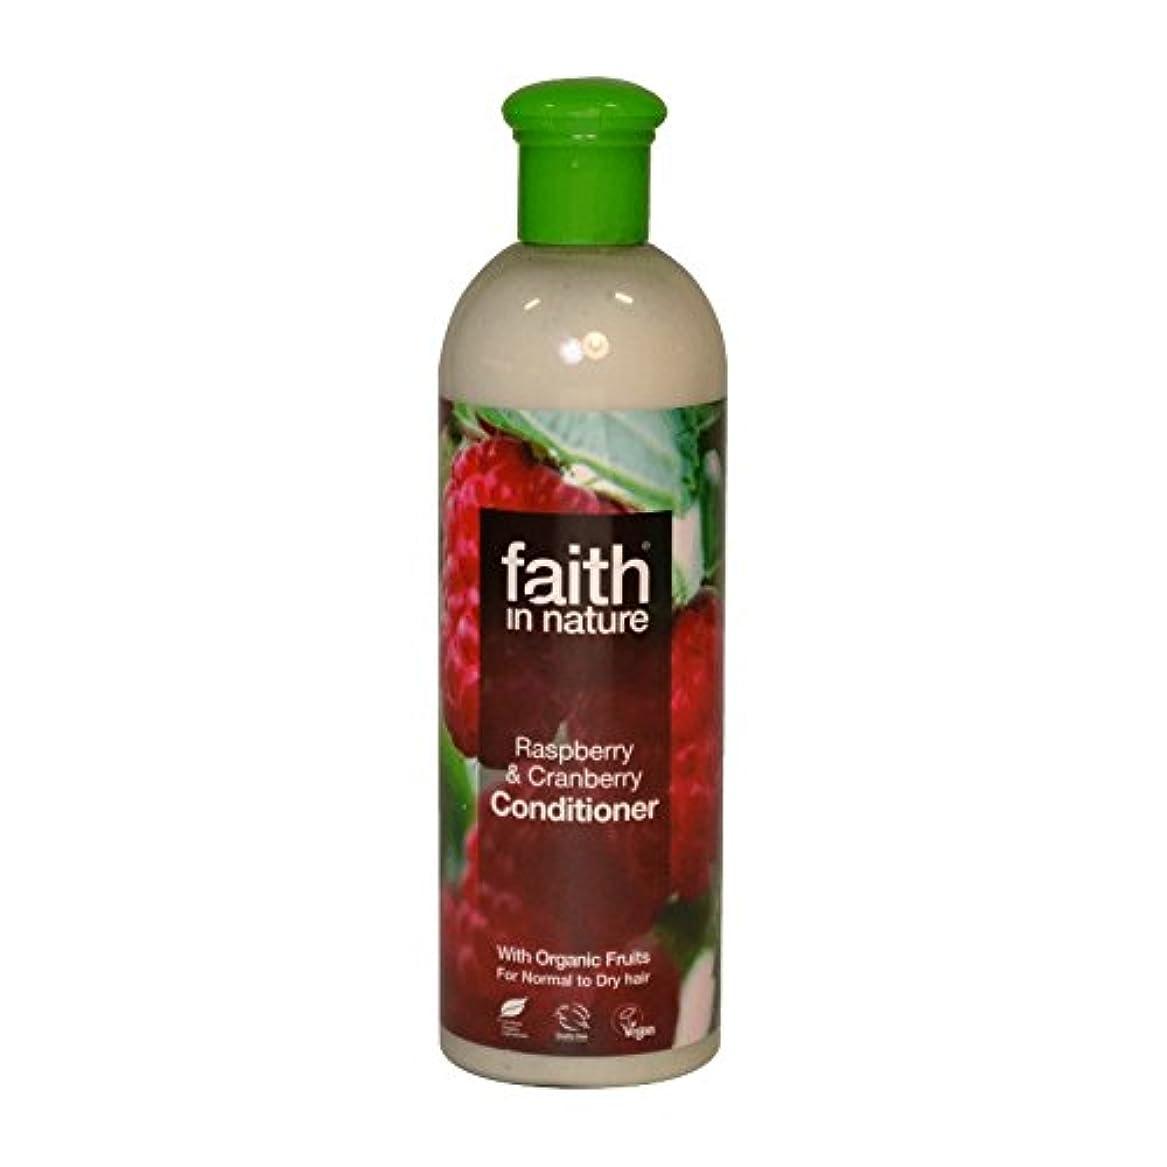 オーバーラン側面是正する自然ラズベリー&クランベリーコンディショナー400ミリリットルの信仰 - Faith in Nature Raspberry & Cranberry Conditioner 400ml (Faith in Nature) [並行輸入品]